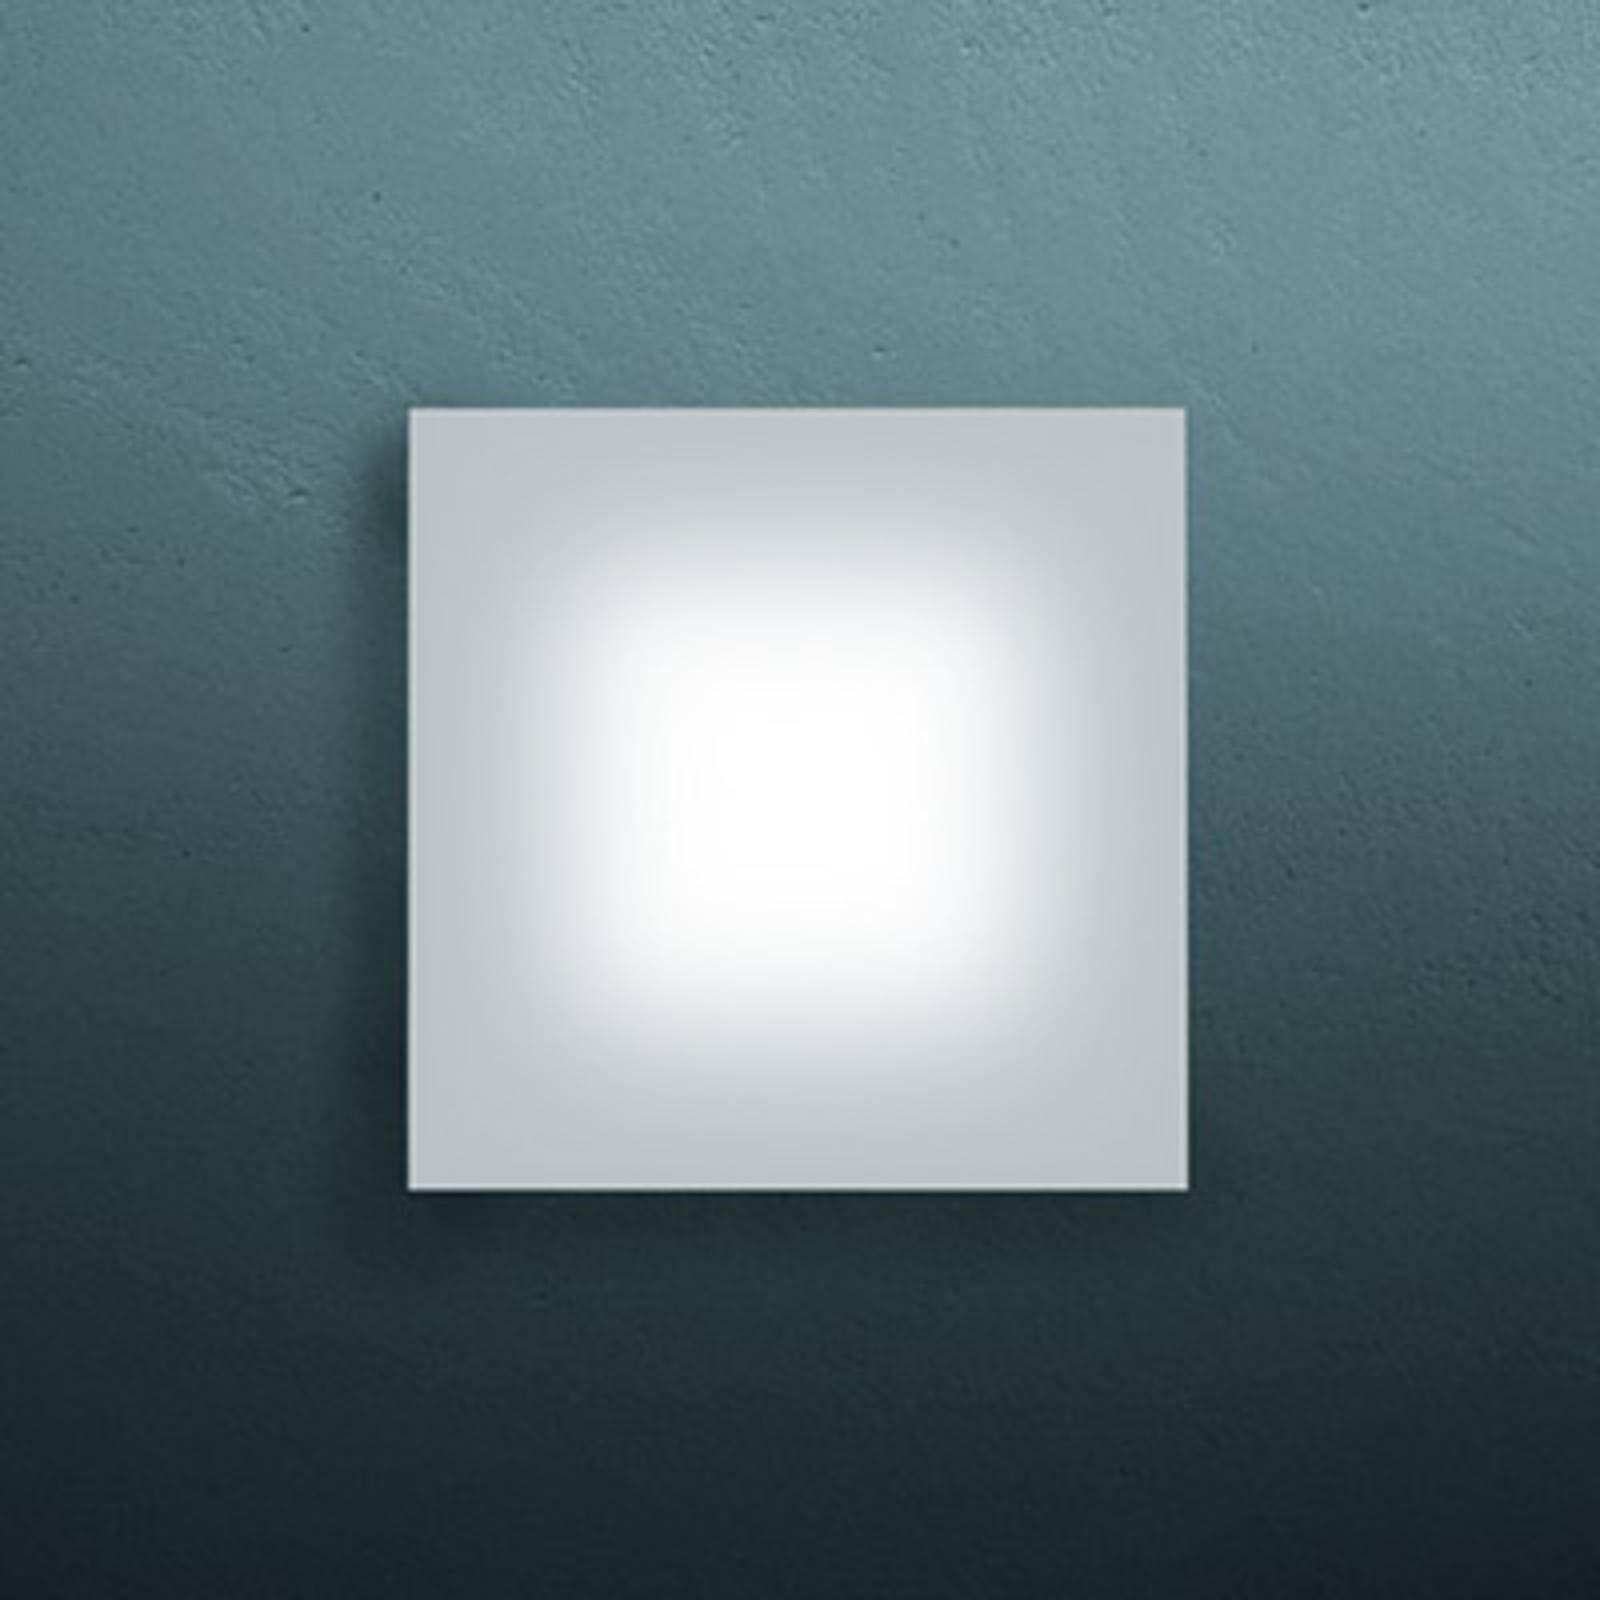 Superflat LED-taklampe Sole,